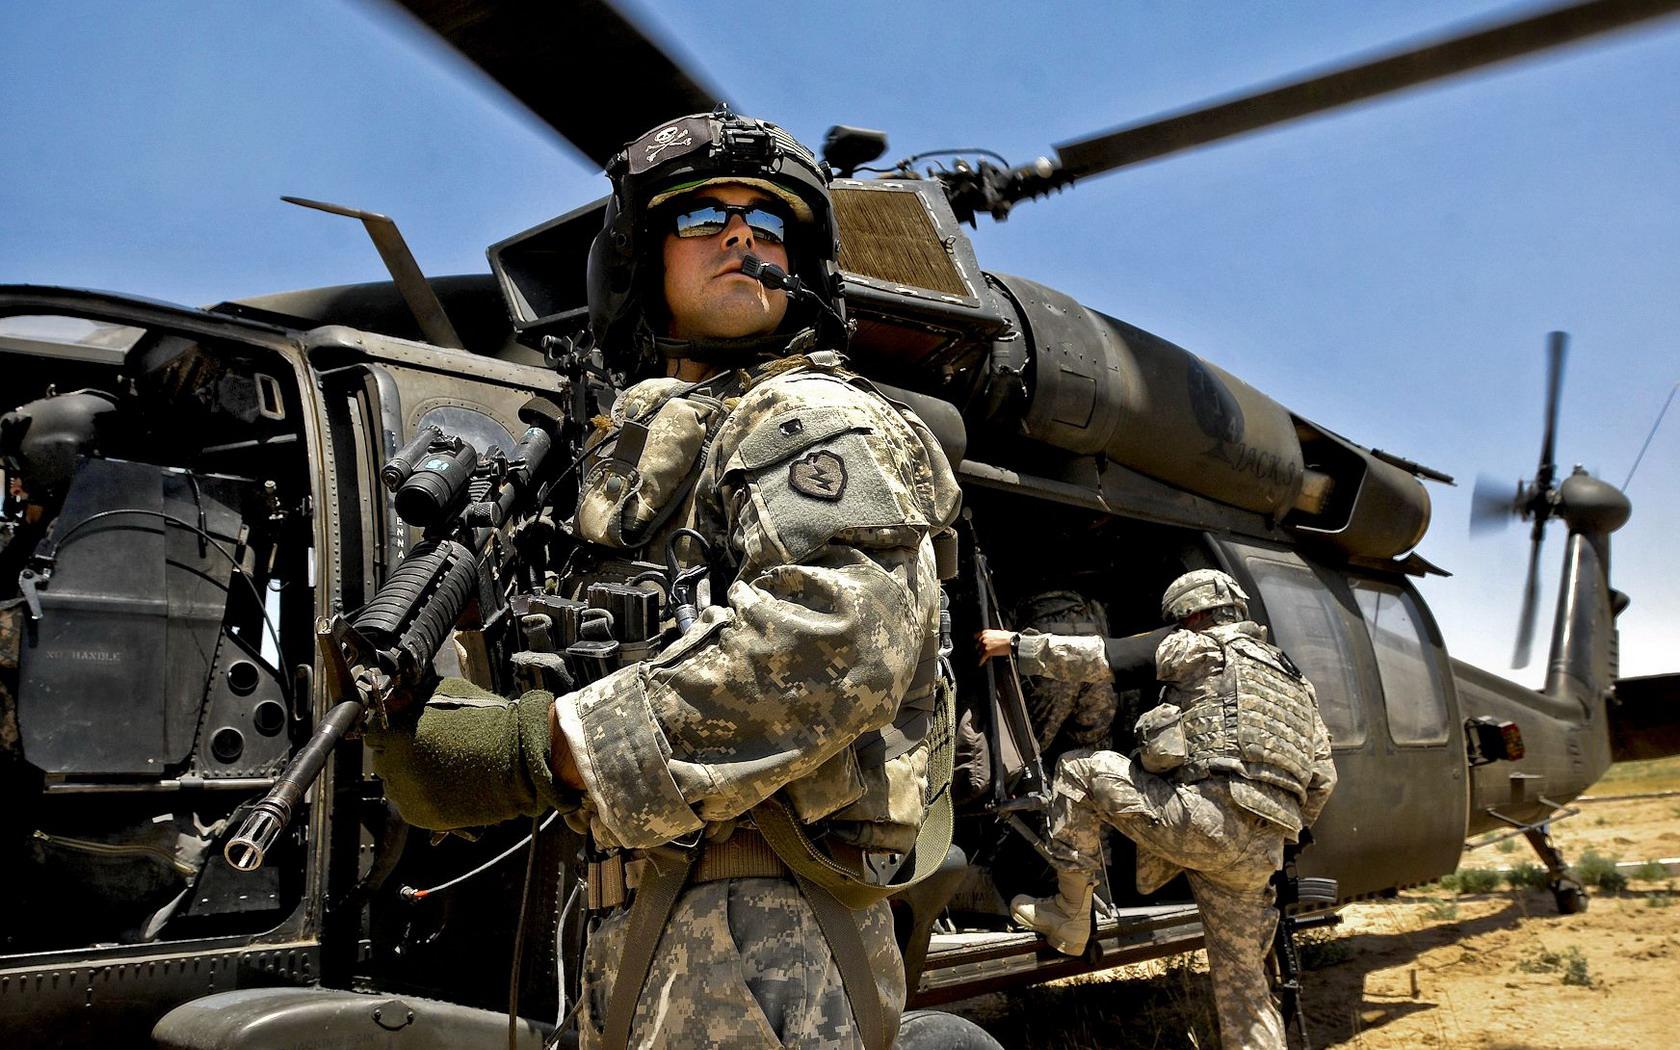 Αποτέλεσμα εικόνας για us soldier